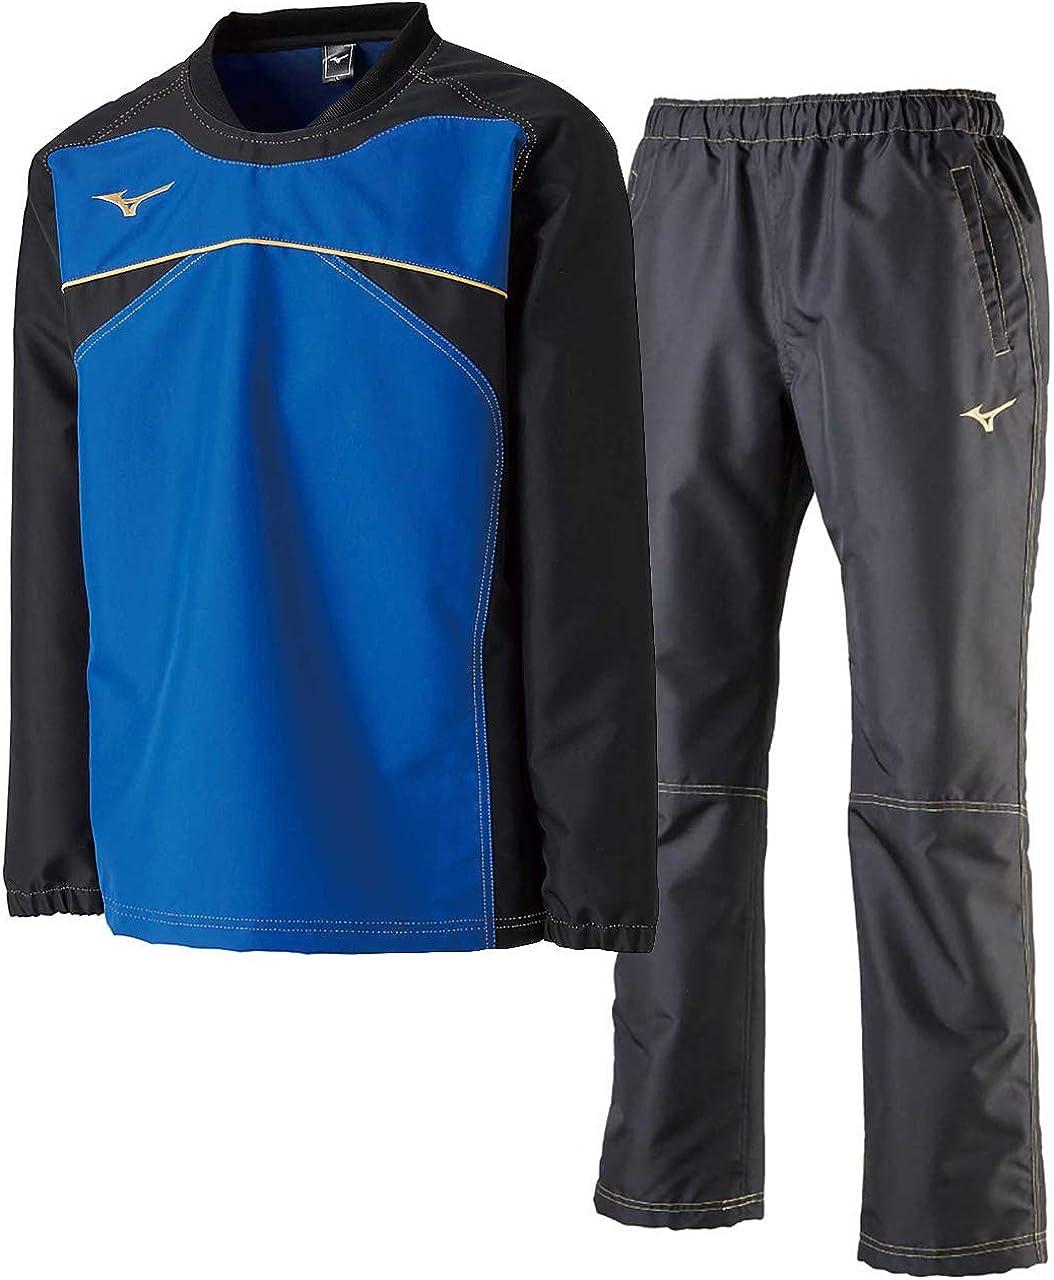 ミズノ(MIZUNO) タフブレーカーシャツ&ロングパンツ上下セット(サーフブルーブラック/ブラック) 32ME8583-25-32MF9182-09 サーフブルーブラック×ブラック 2XL